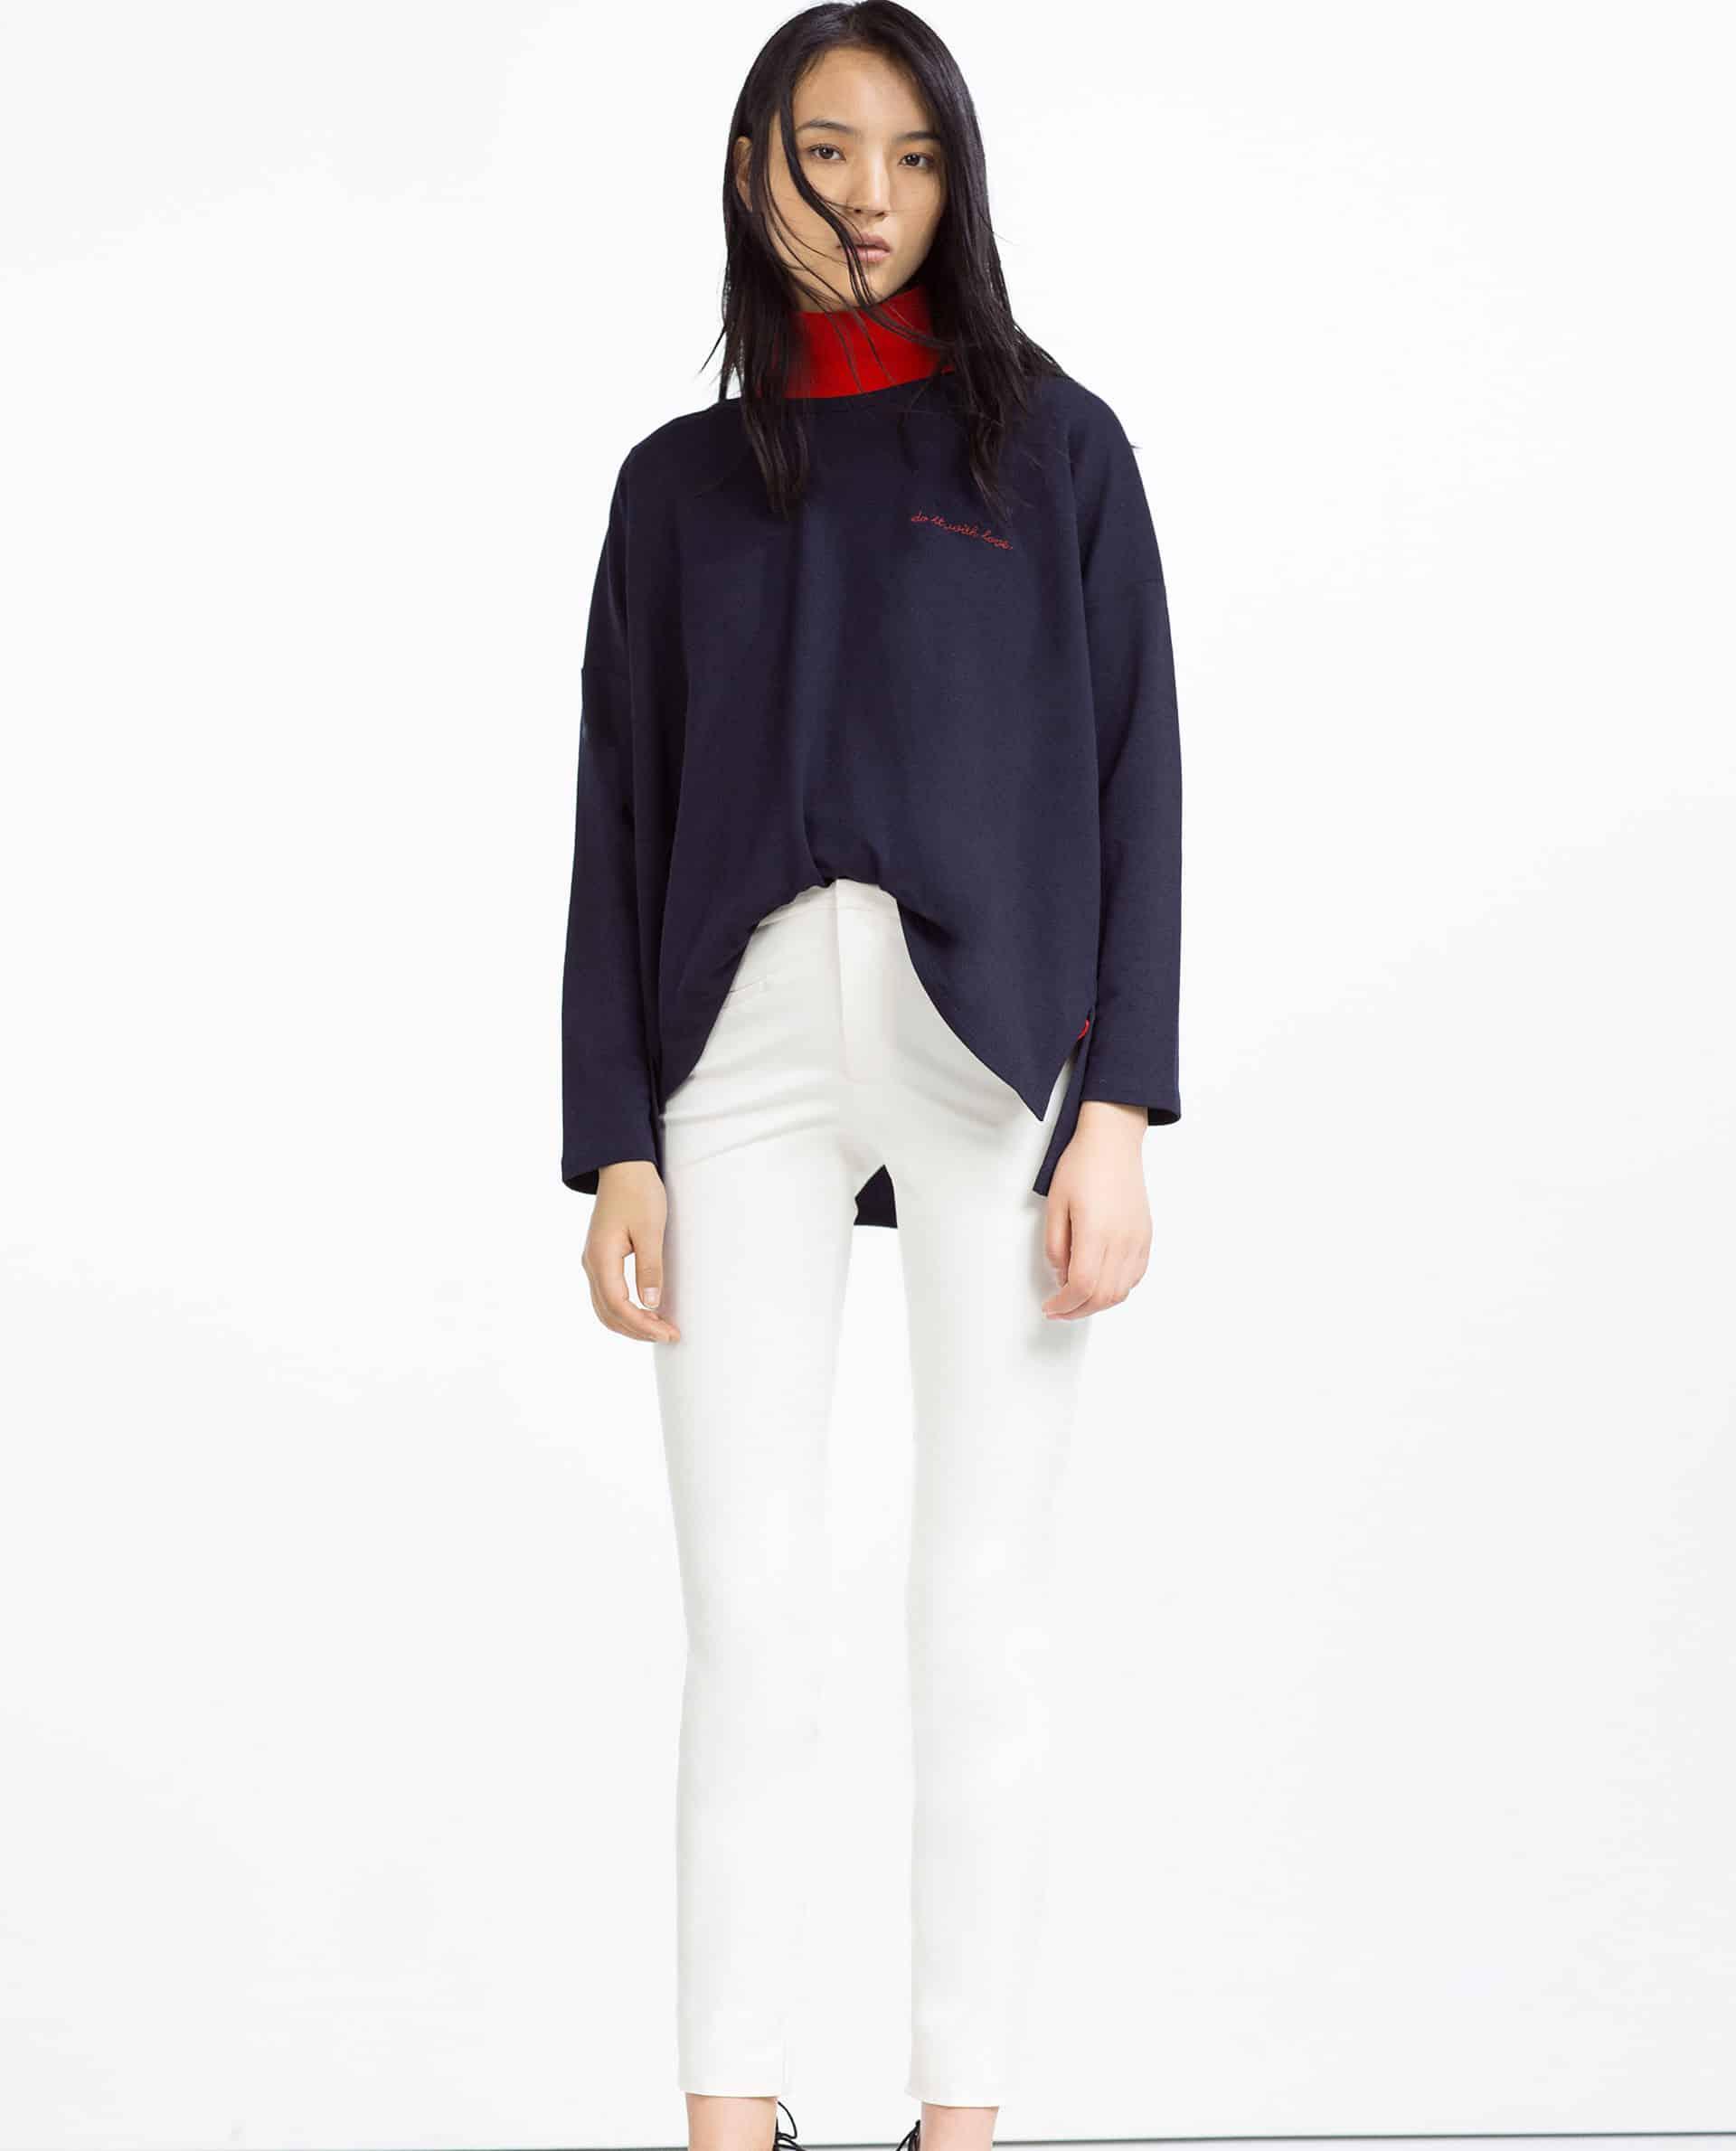 21 Zara catalogo PE 2016 anticipazioni